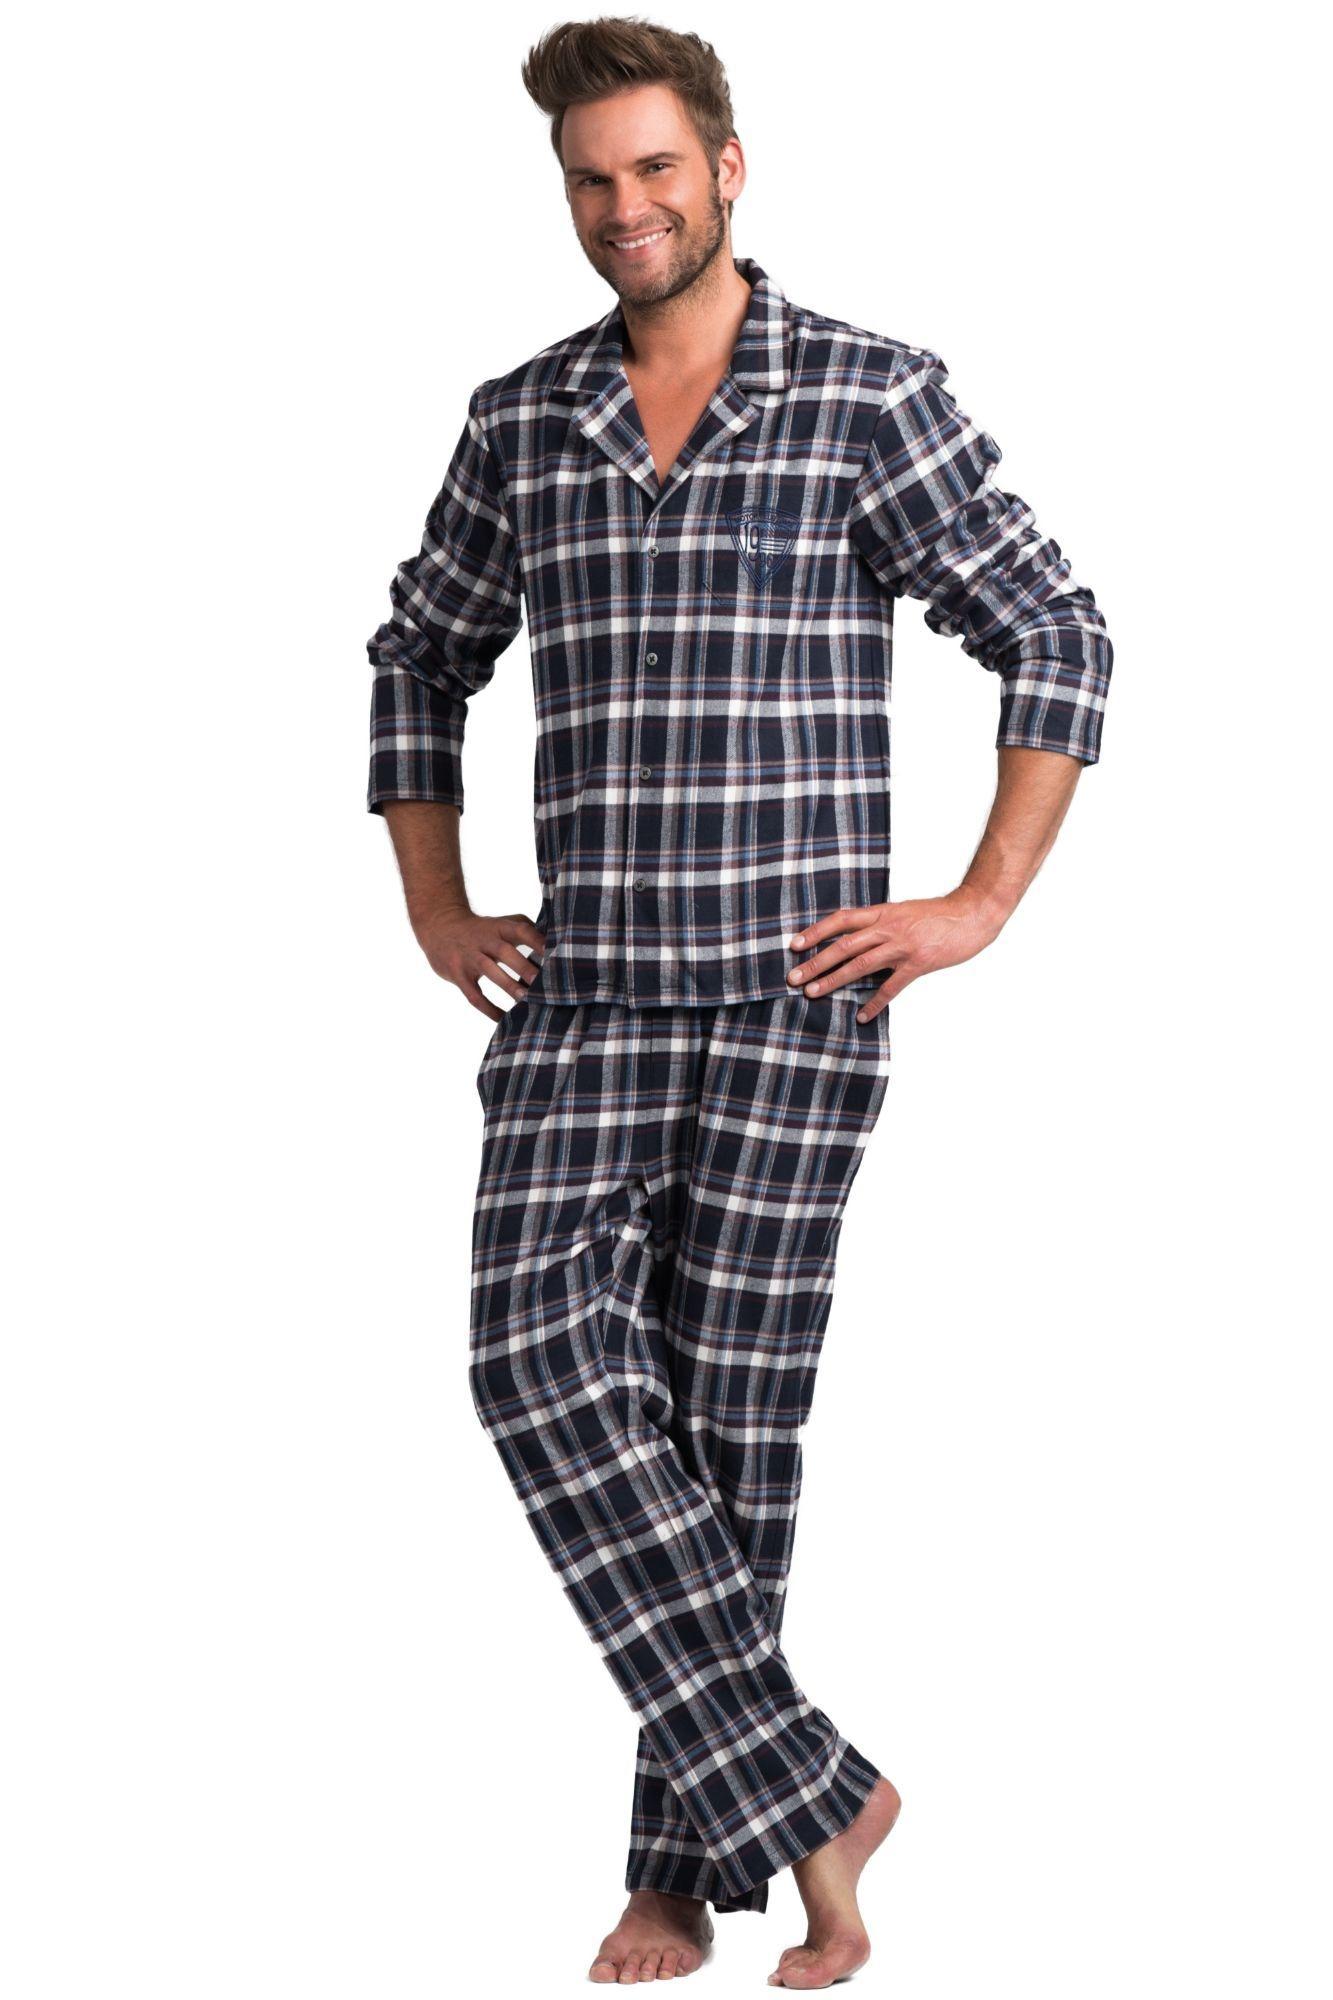 b556b5faa3a6 Pánské flanelové pyžamo Will modré káro - ELEGANT.cz